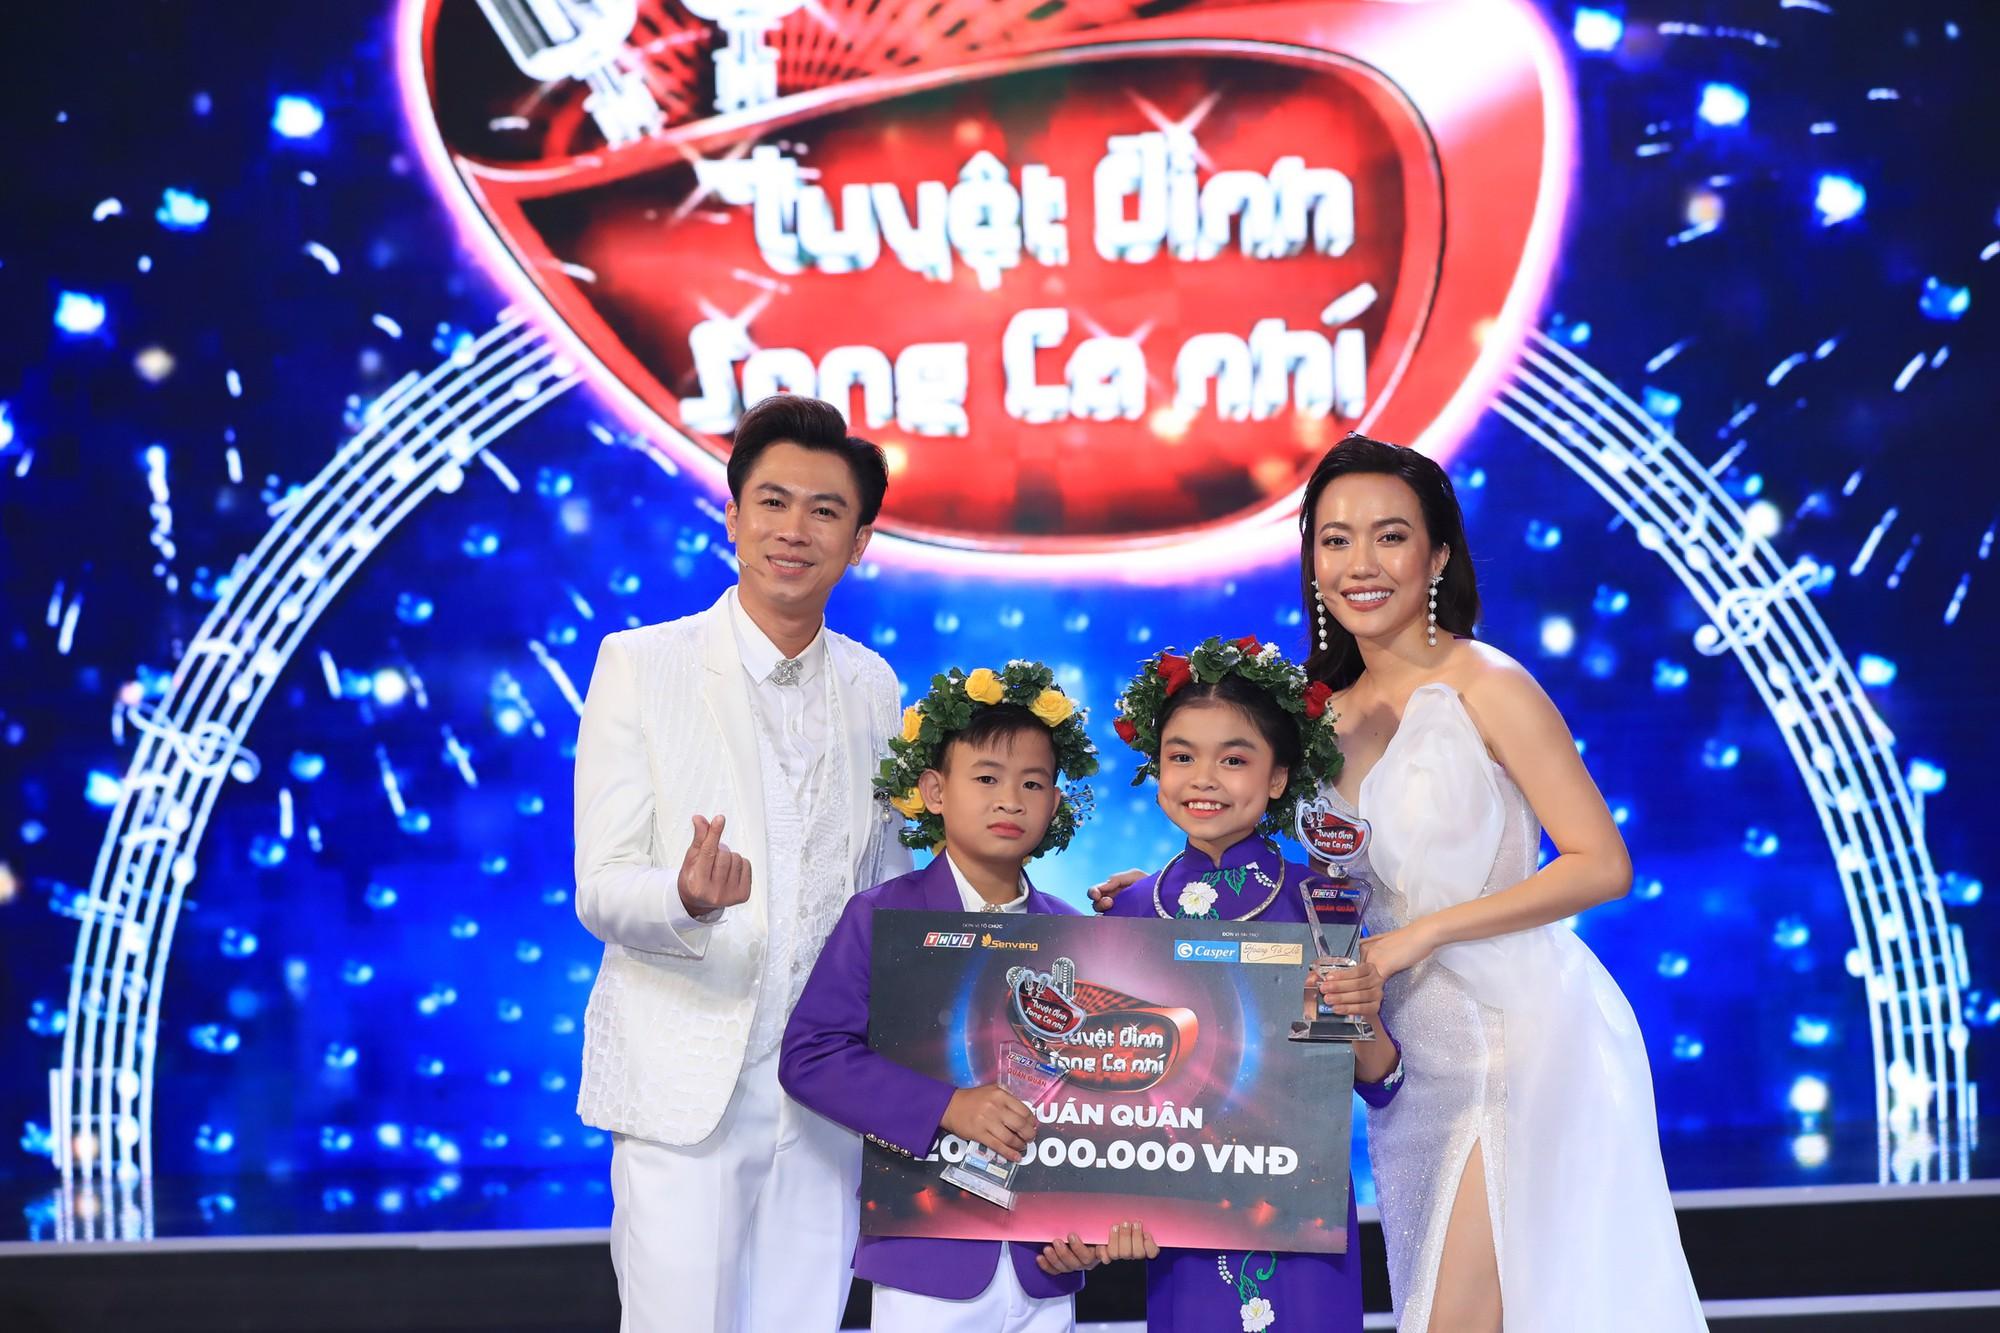 Bị gắn mác ca sĩ hội chợ, Hồ Việt Trung vẫn đưa học trò đăng quang quán quân Tuyệt đỉnh song ca nhí - Ảnh 7.